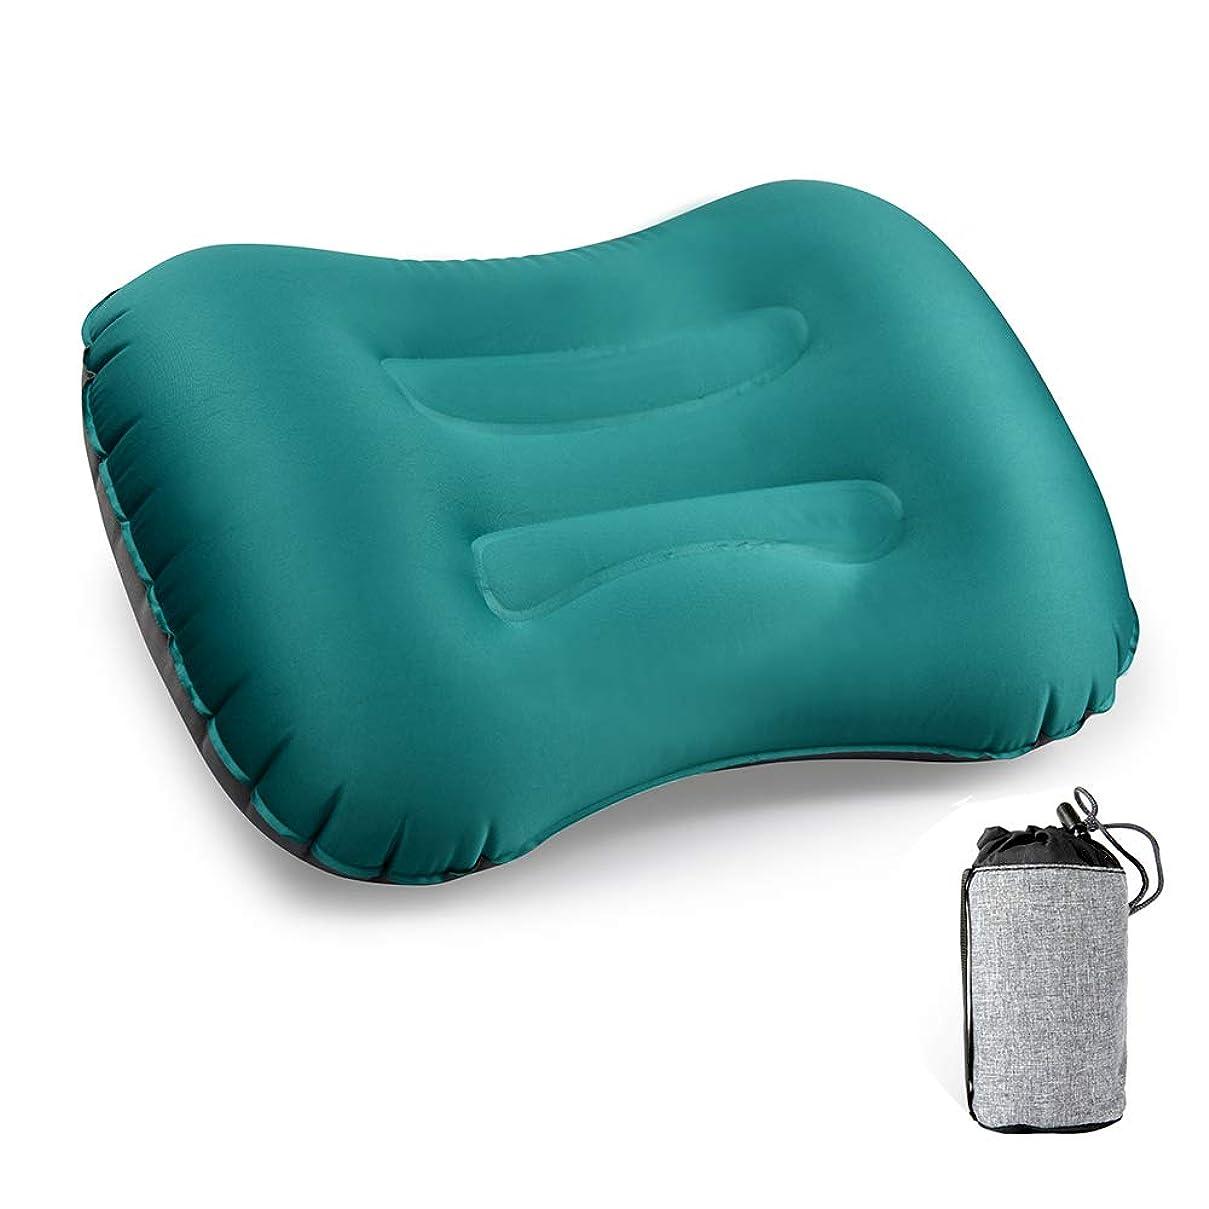 お茶良いそうエアーピロー,CCYCCL 超軽量 コンパクト 柔らかい キャンプ枕 空気枕 携帯クッション 旅行?キャンプ?車中泊?アウトドア 収納ポーチ付き